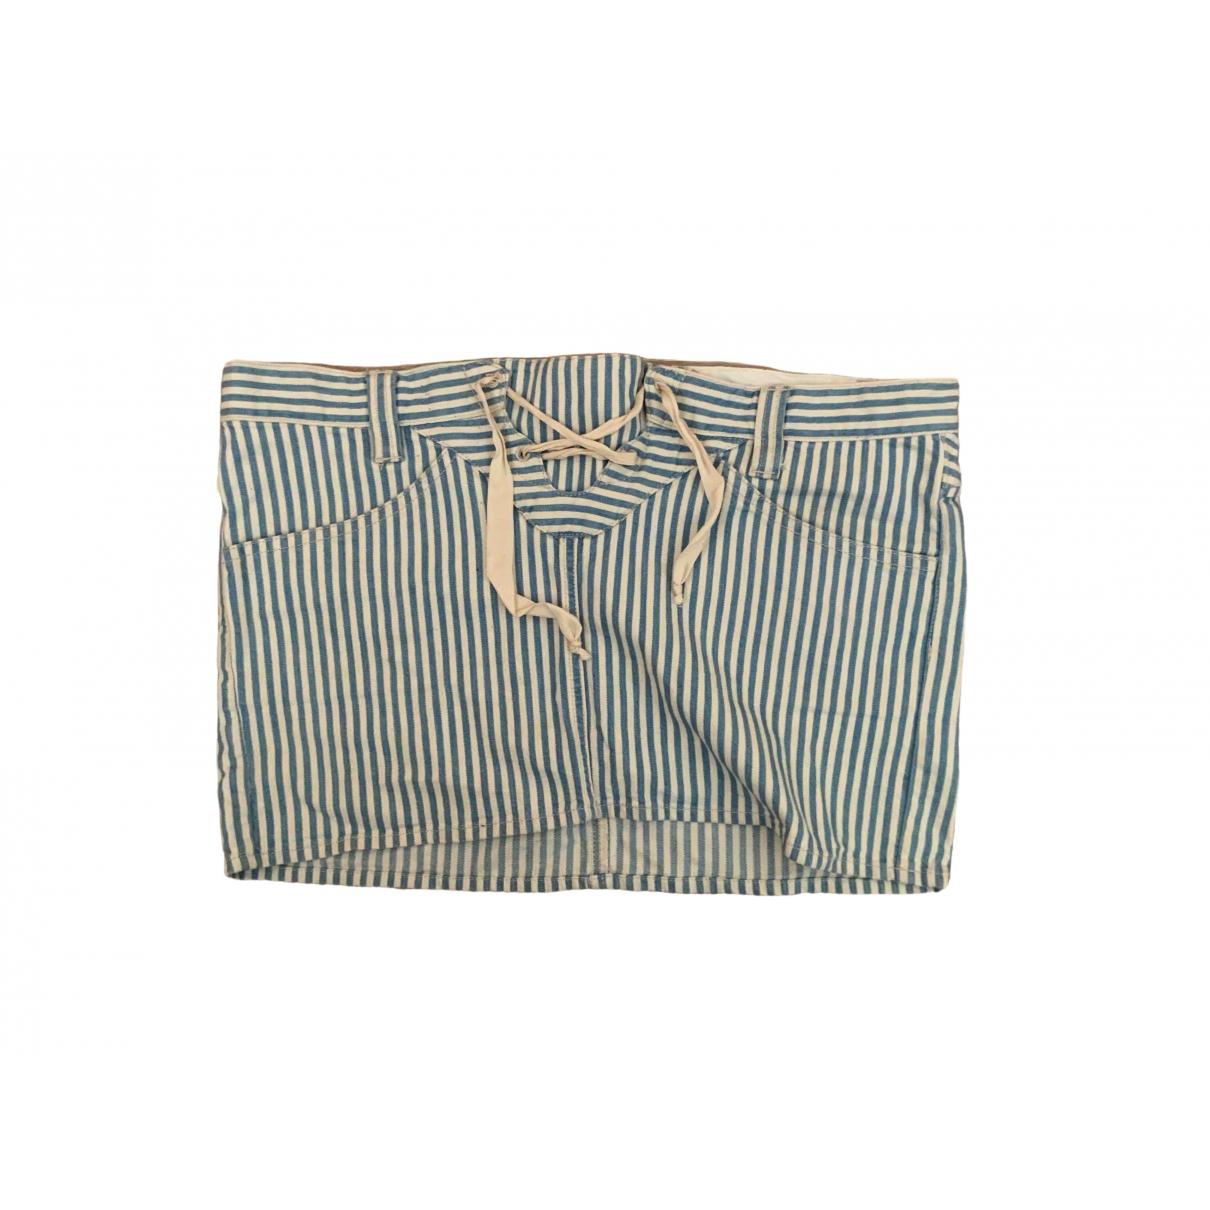 Isabel Marant Etoile \N Blue Denim - Jeans skirt for Women 34 FR